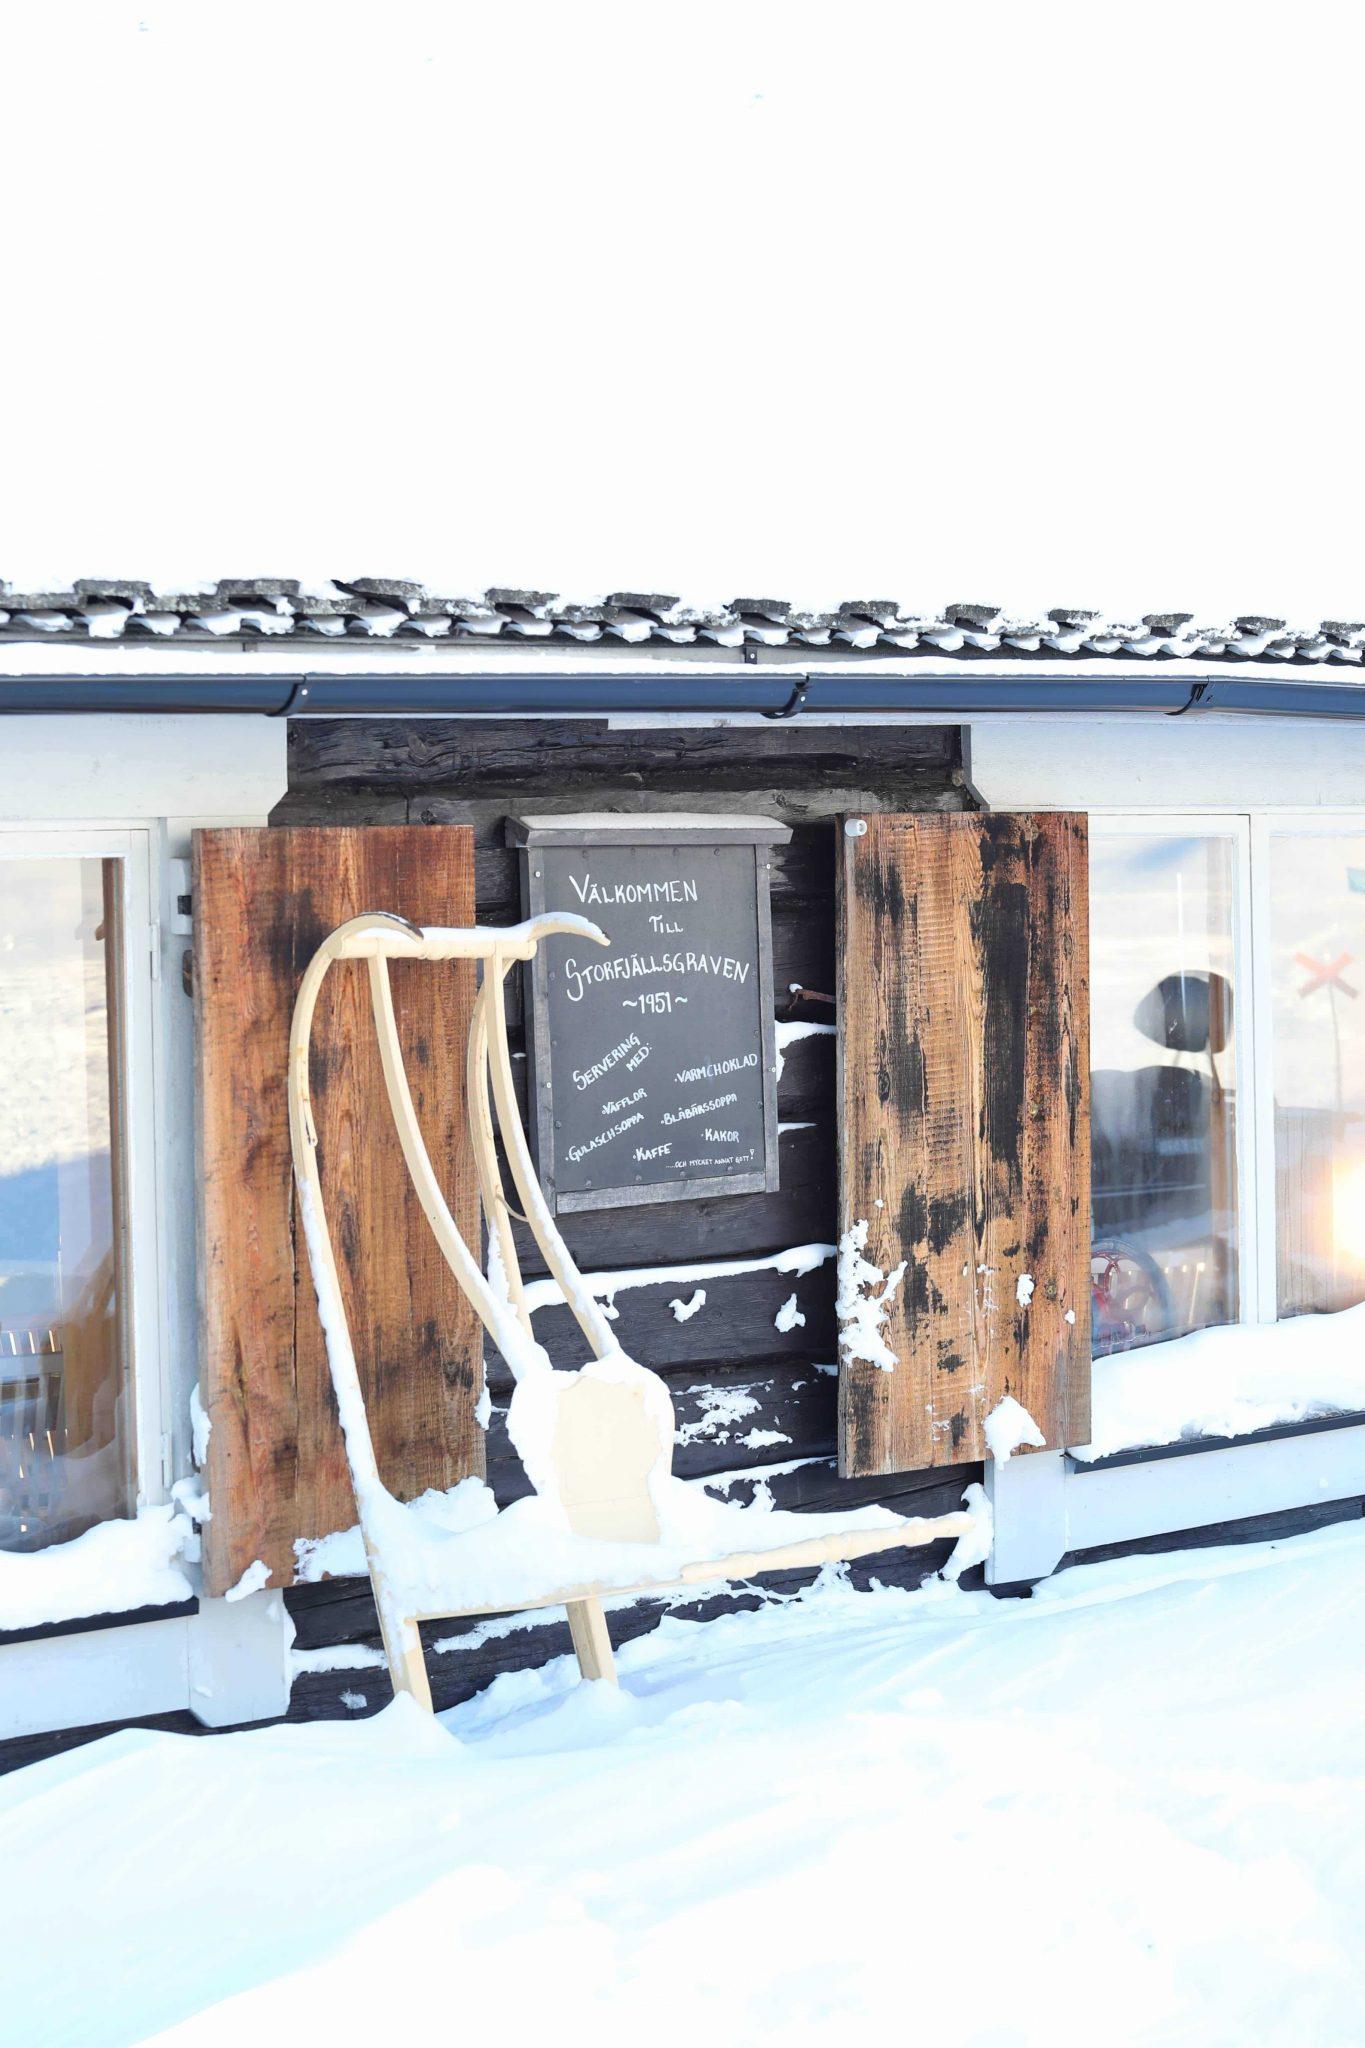 snöig skylt vid storfjällsgraven